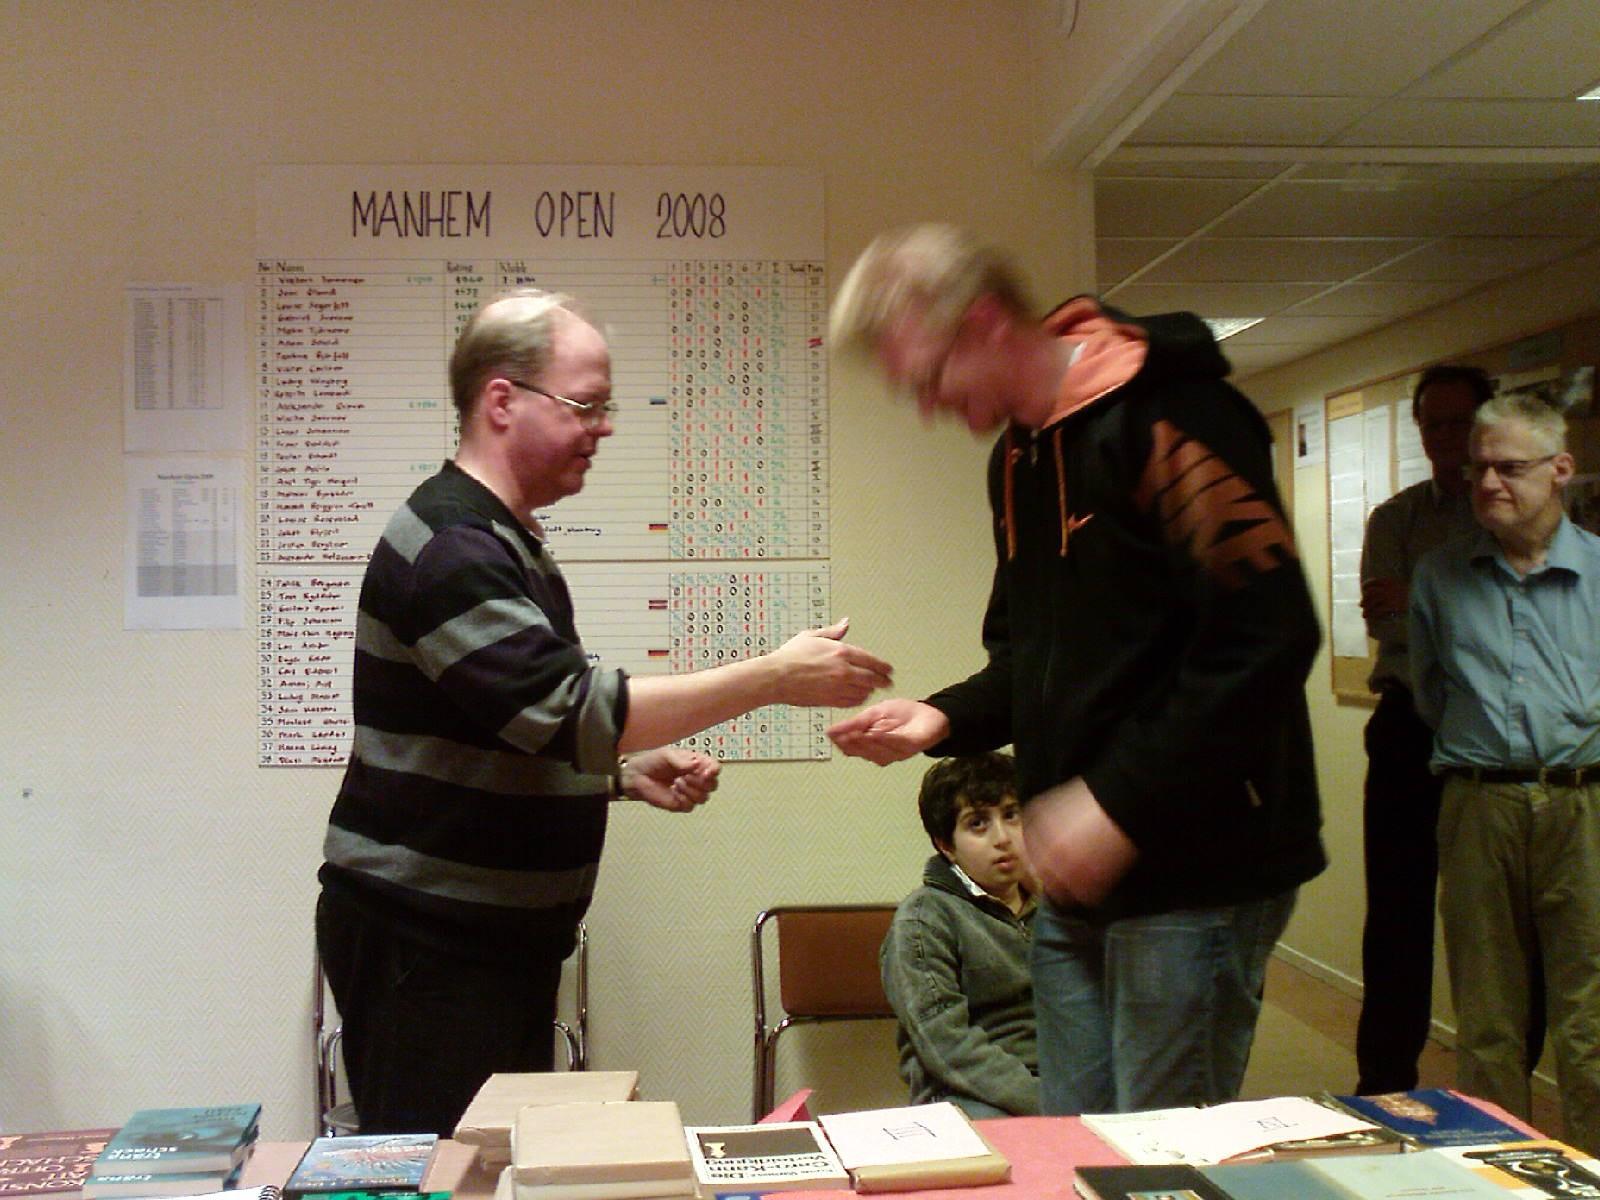 Per Hellgren: veteranmärket i silver, 20 år som manhemit.